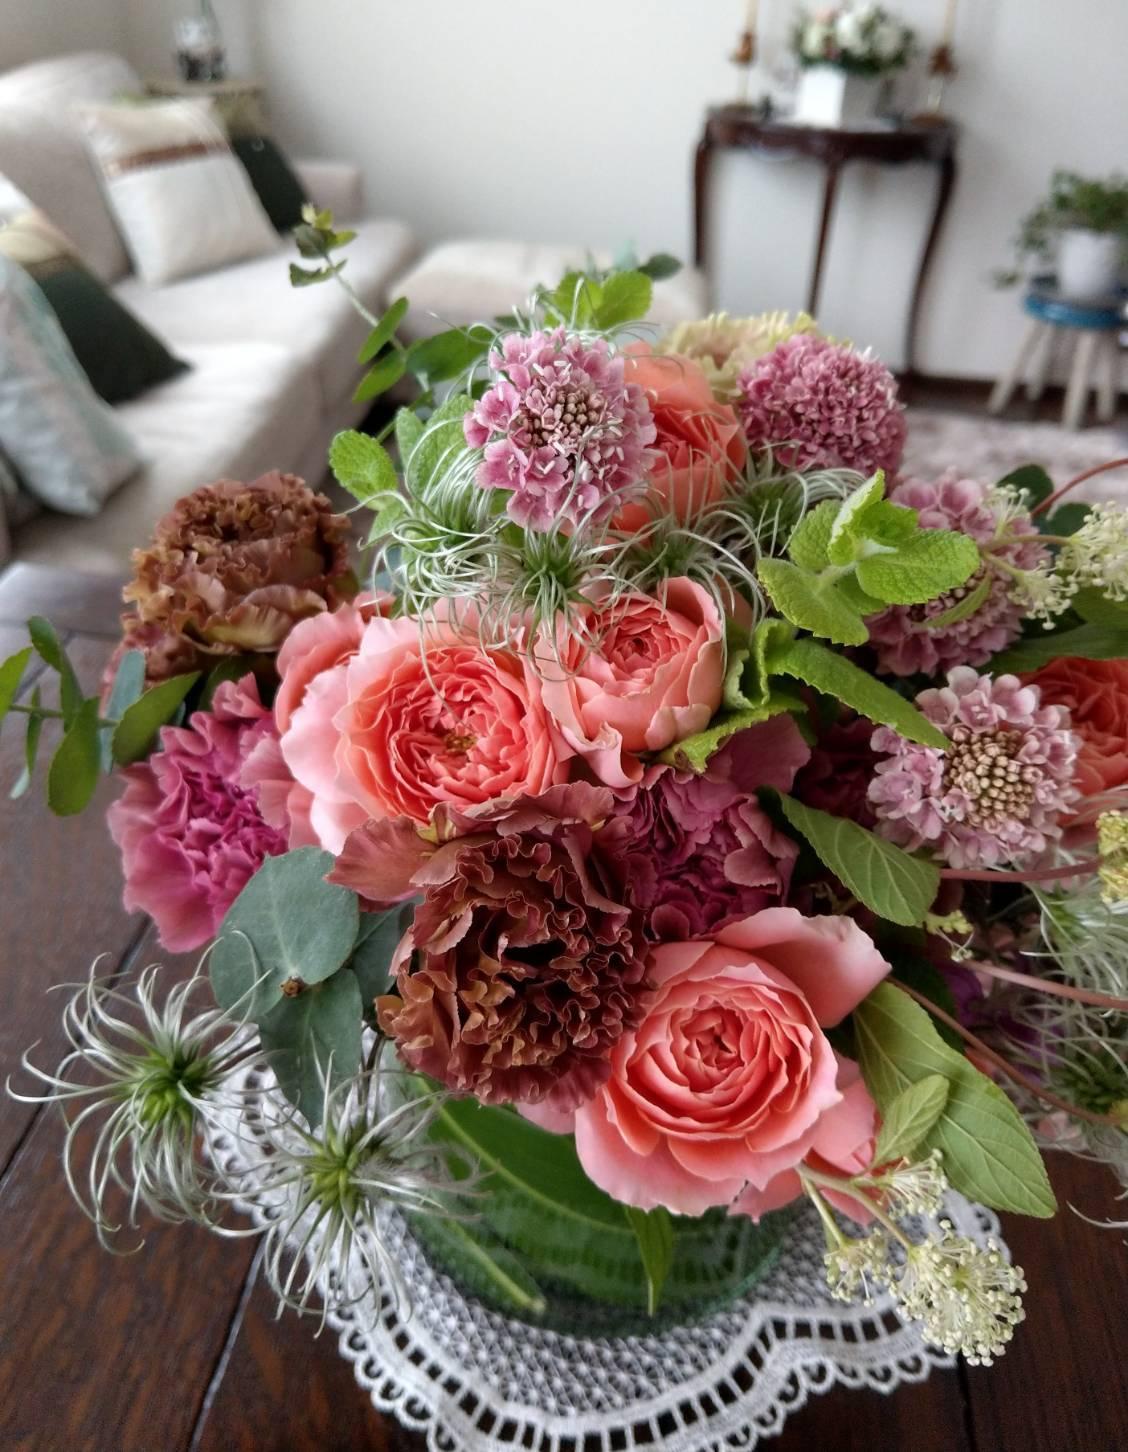 季節のお花をいつもリビングに飾っています